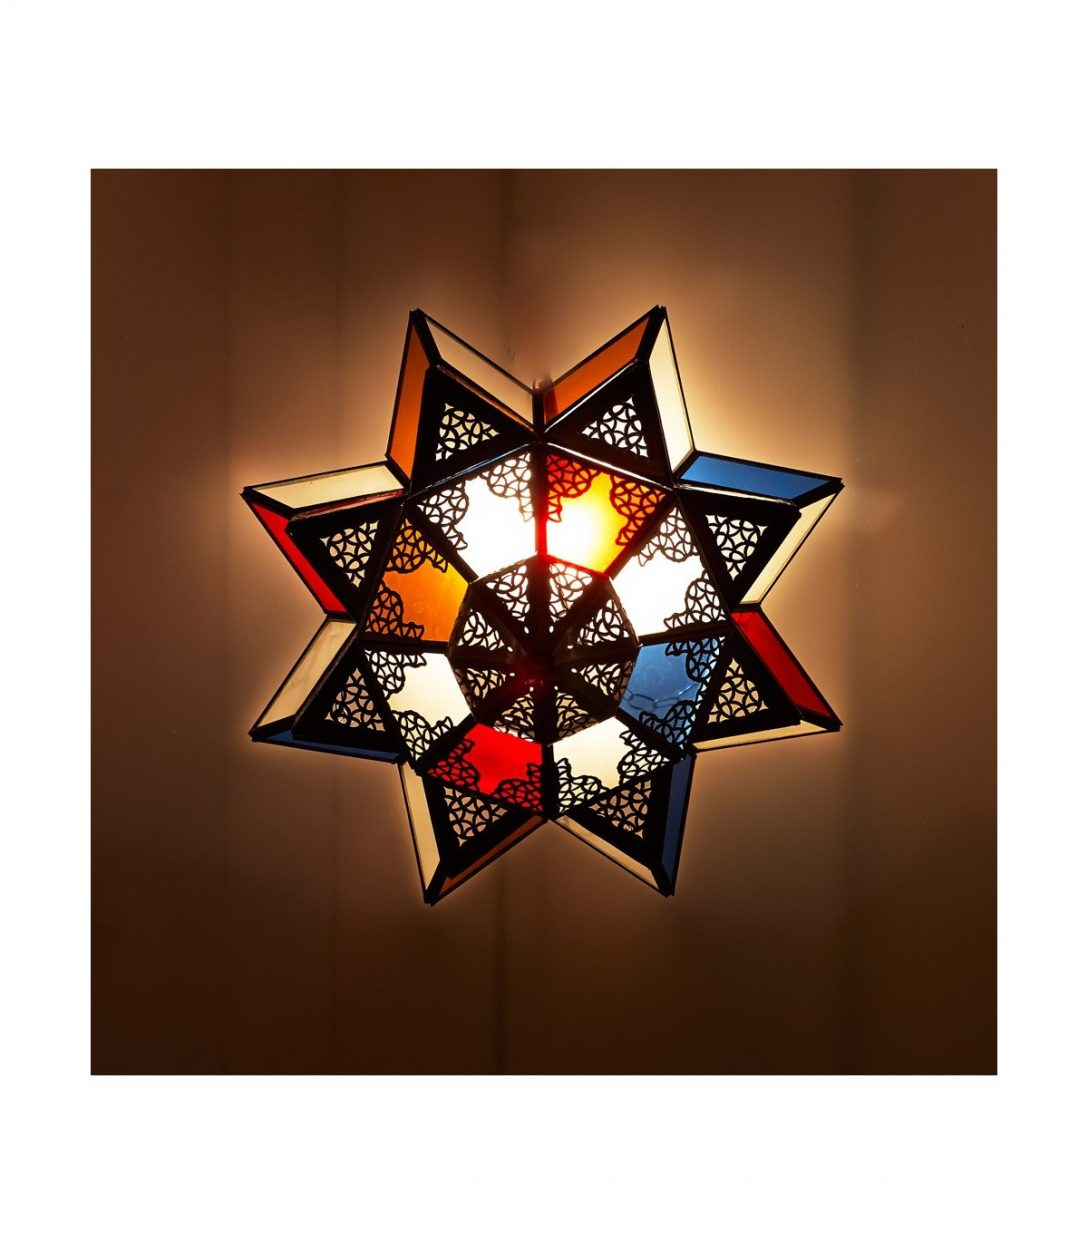 Large Size of Arabische Decke Lampe Mehrfarbige Kristalle Entwurf Tagesdecke Bett Badezimmer Wohnzimmer Led Deckenleuchte Deckenlampe Decken Deckenlampen Für Schlafzimmer Wohnzimmer Holzlampe Decke